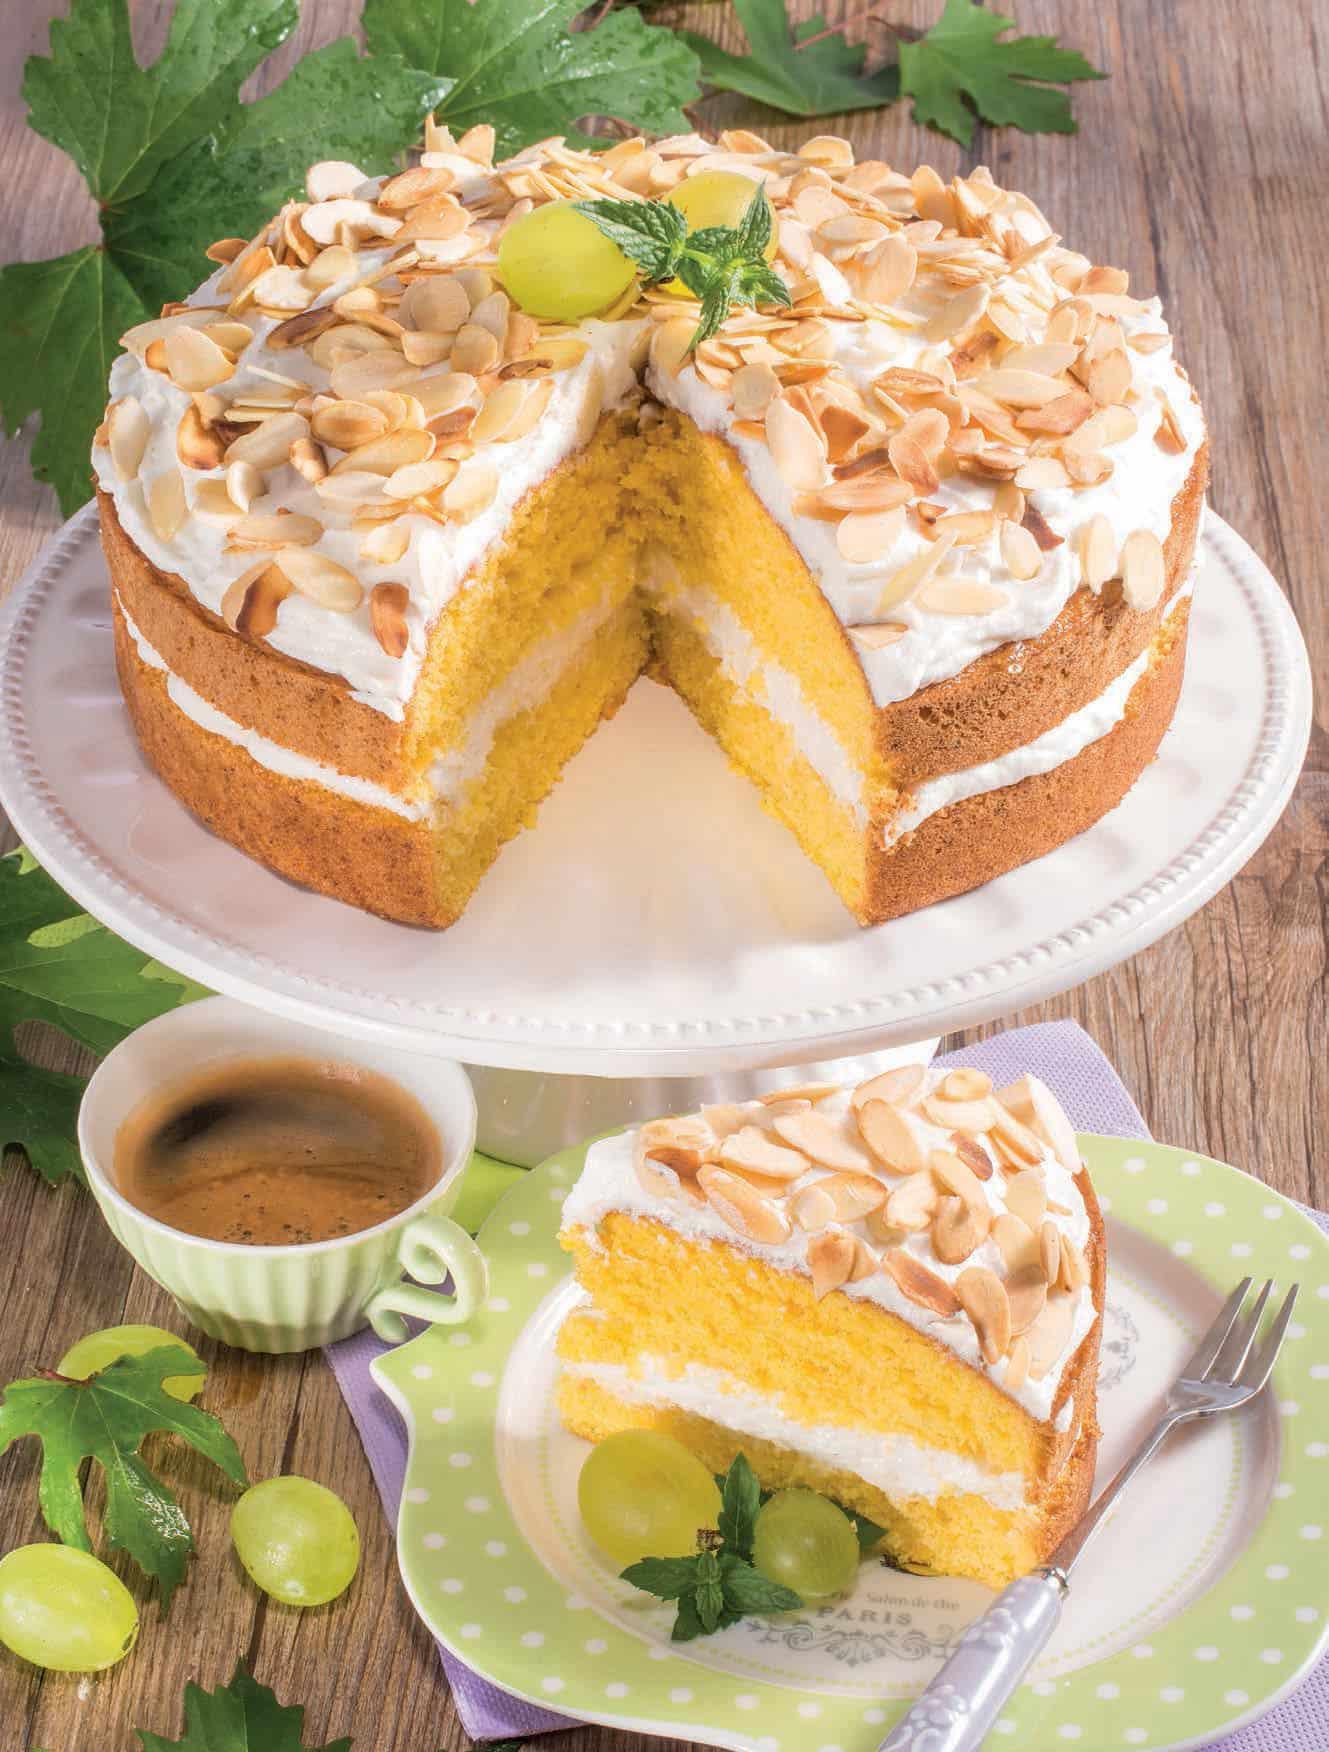 Torta Con Crema Di Ricotta E Panna E Mandorle Ricetta Senza Glutine